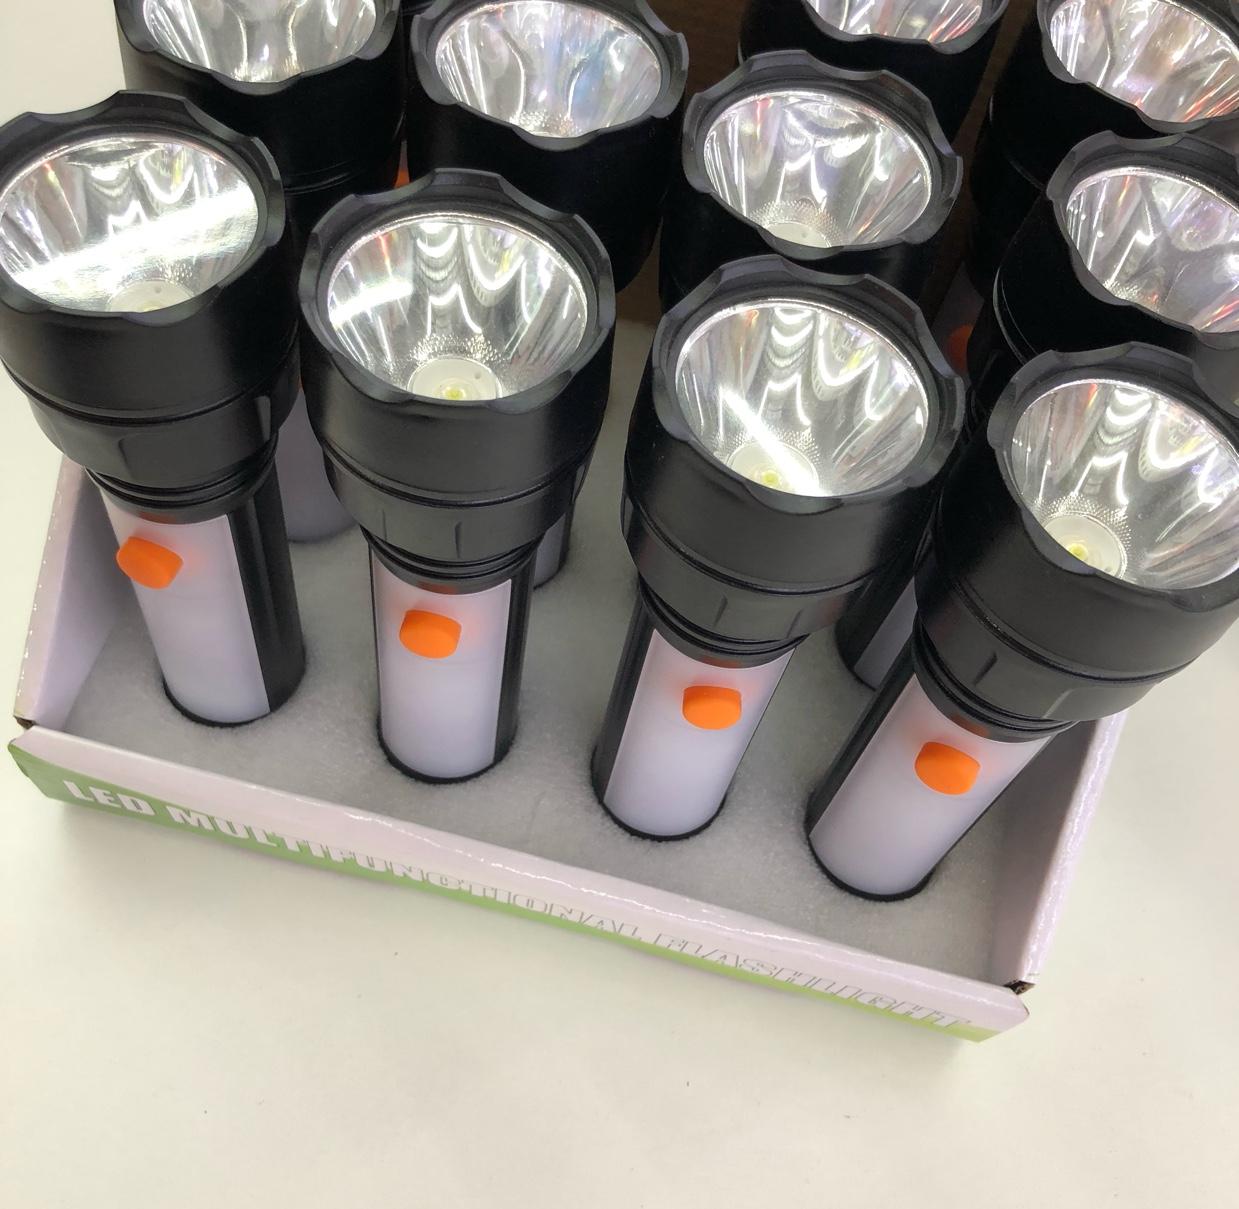 LY-12 LED手电筒 AA电池4节手电筒 LED塑料电筒 礼品小手电筒批发 红光警示白光照明